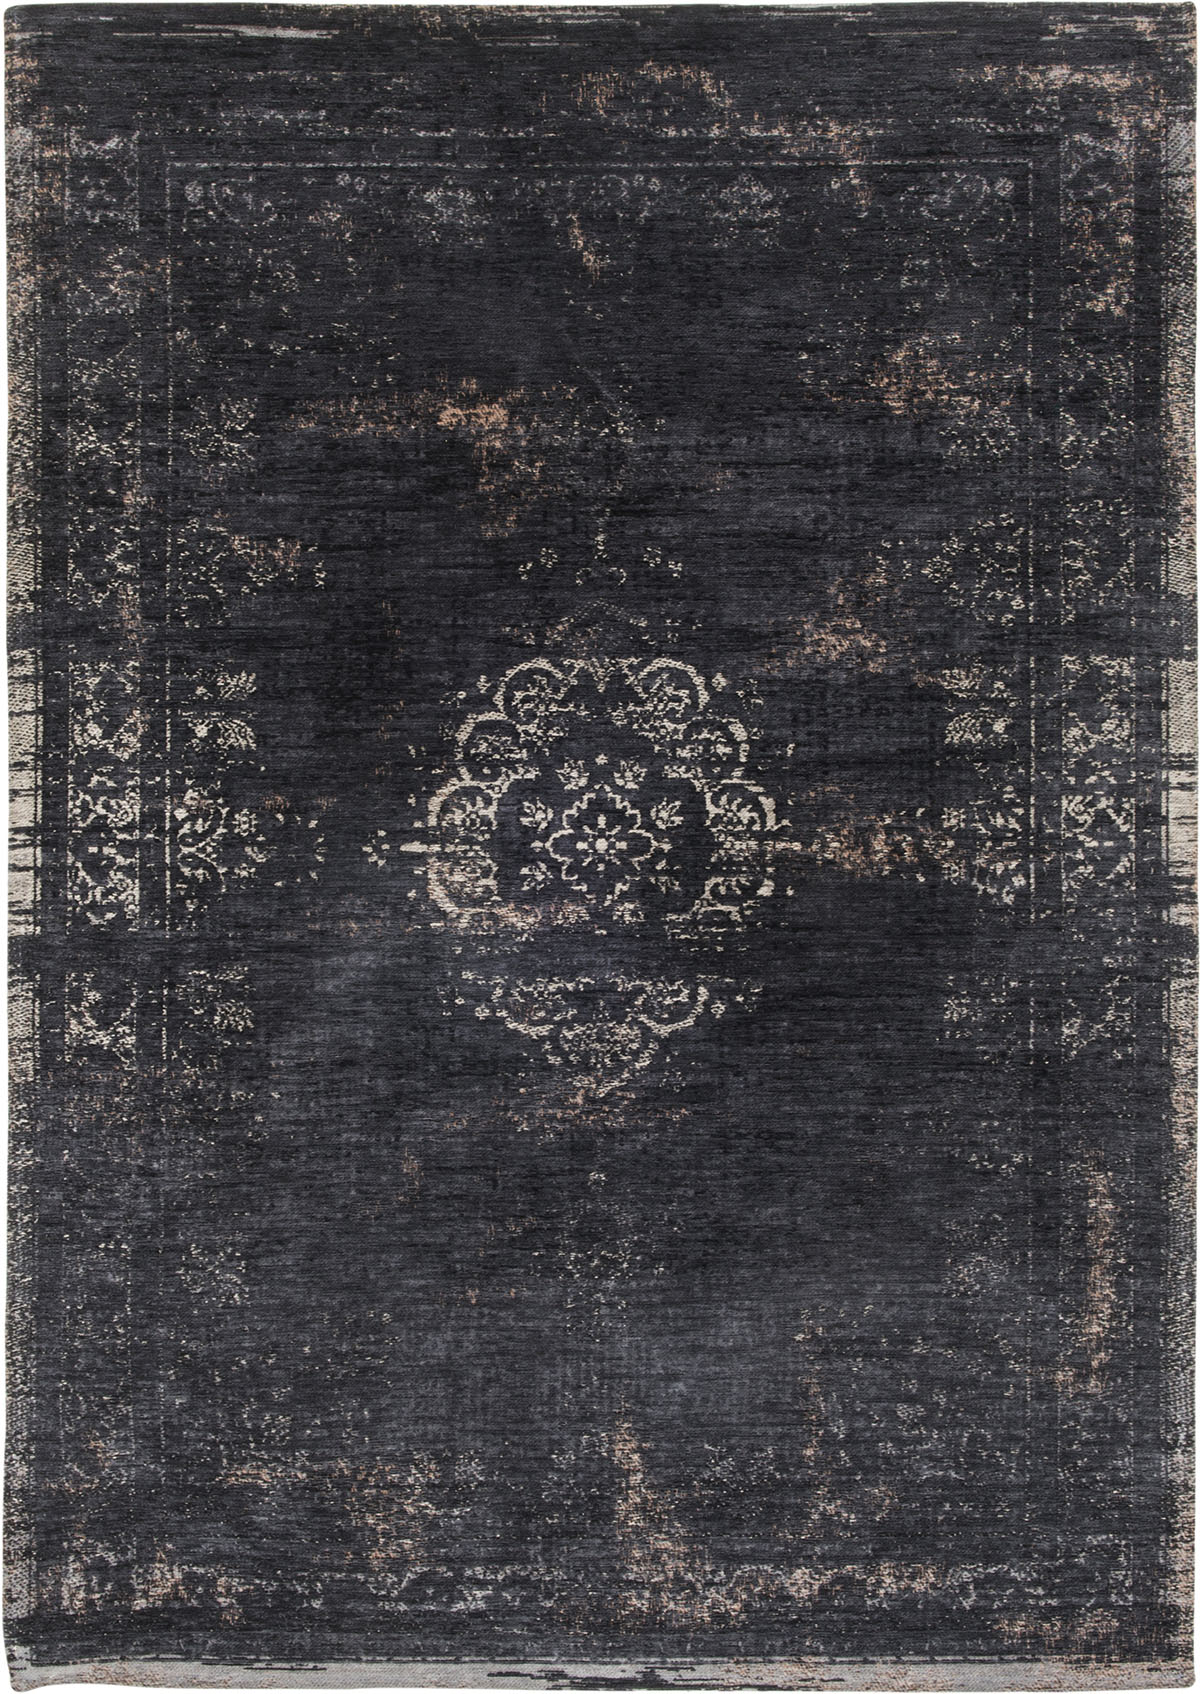 Czarny Dywan Klasyczny - MINERAL BLACK 8263 - Rozmiar: 230x330 cm